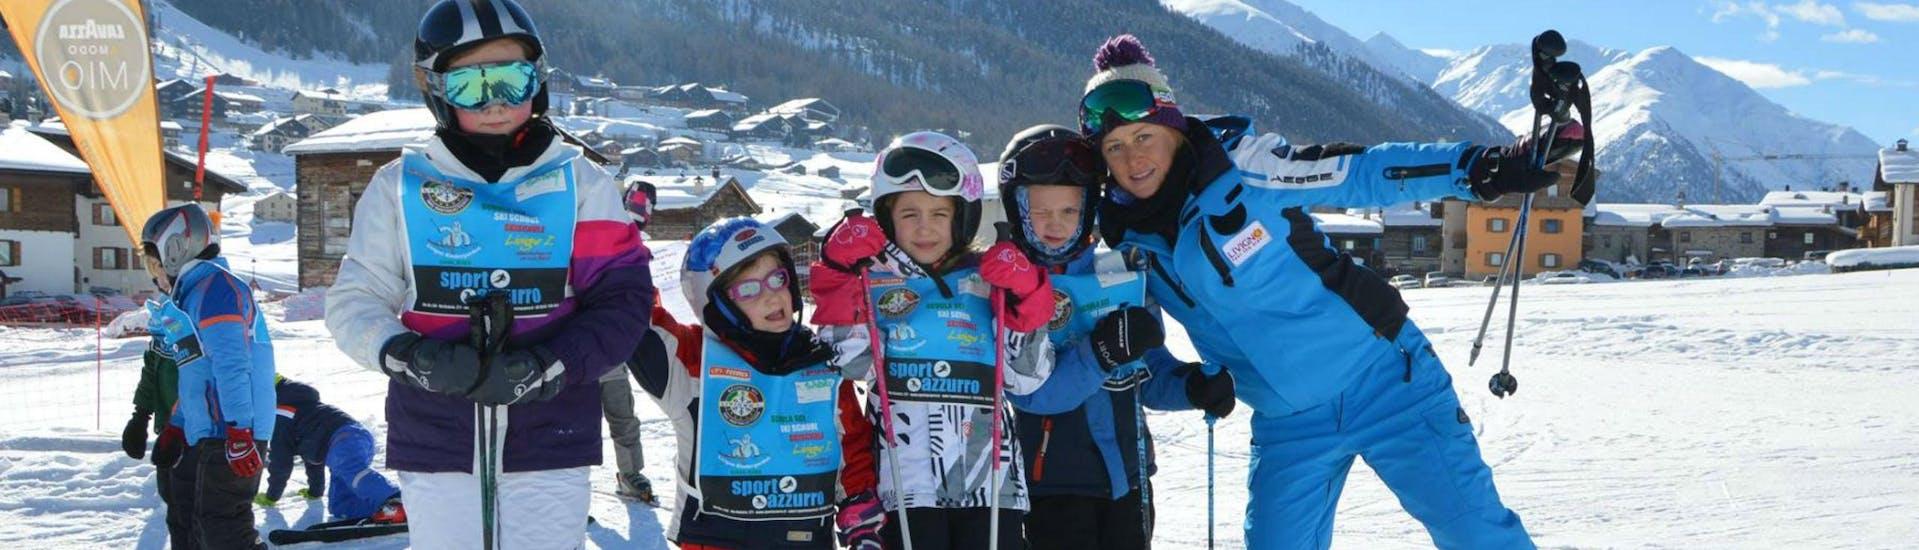 Un gruppo di bambini si diverte con le loro lezioni di sci per bambini (5-12 anni) -Bassa Stagione Tutti i Leveli insieme al loro maestro della Scuola di Sci e Snowboard Livigno Italia.